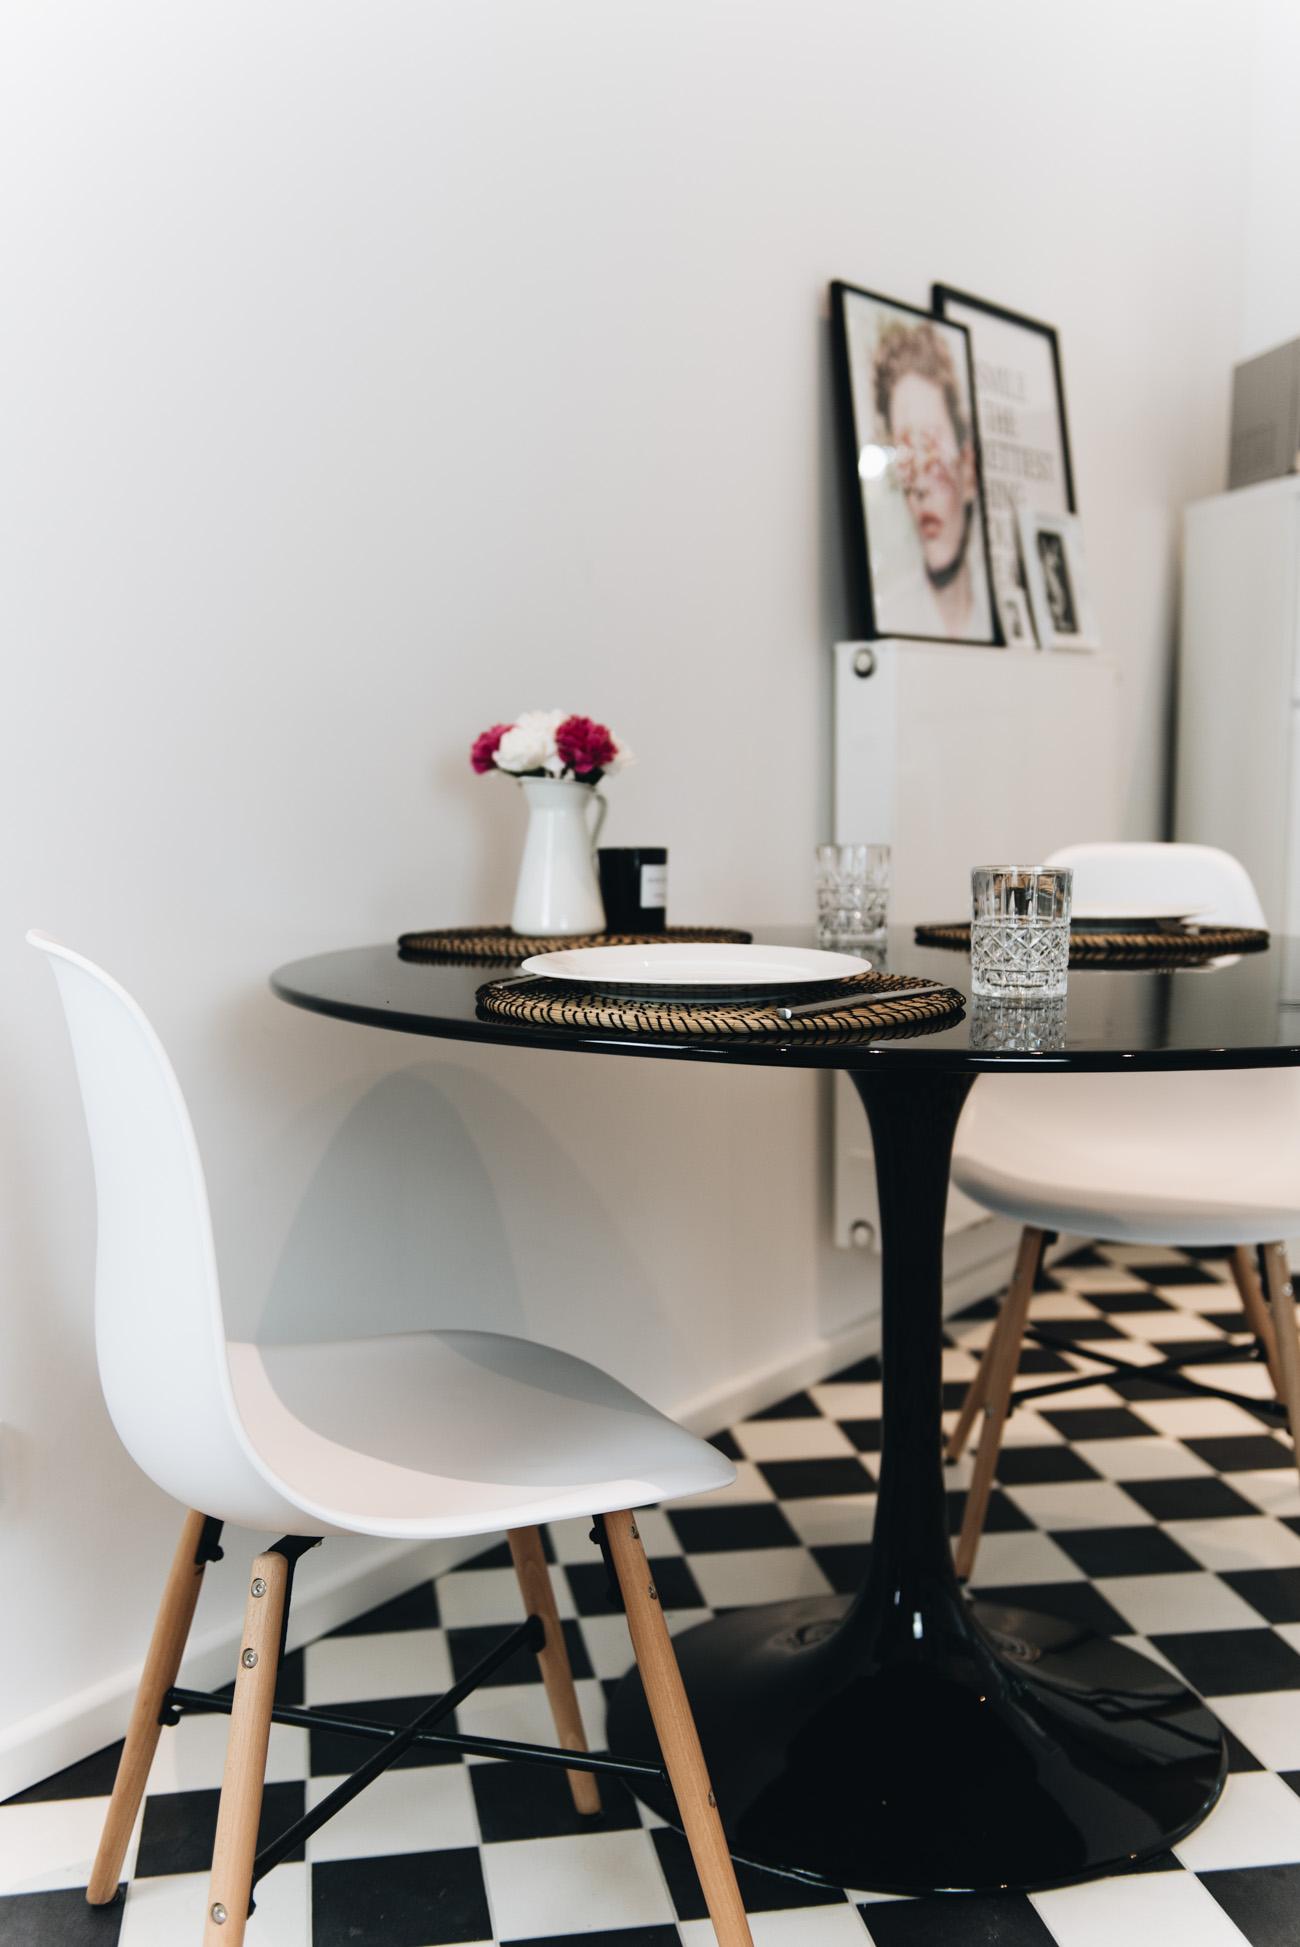 Tisch-sets-holz-runder-küchen-tisch-hochglanz-schwarz-nina-schwichtenberg-fashiioncarpet